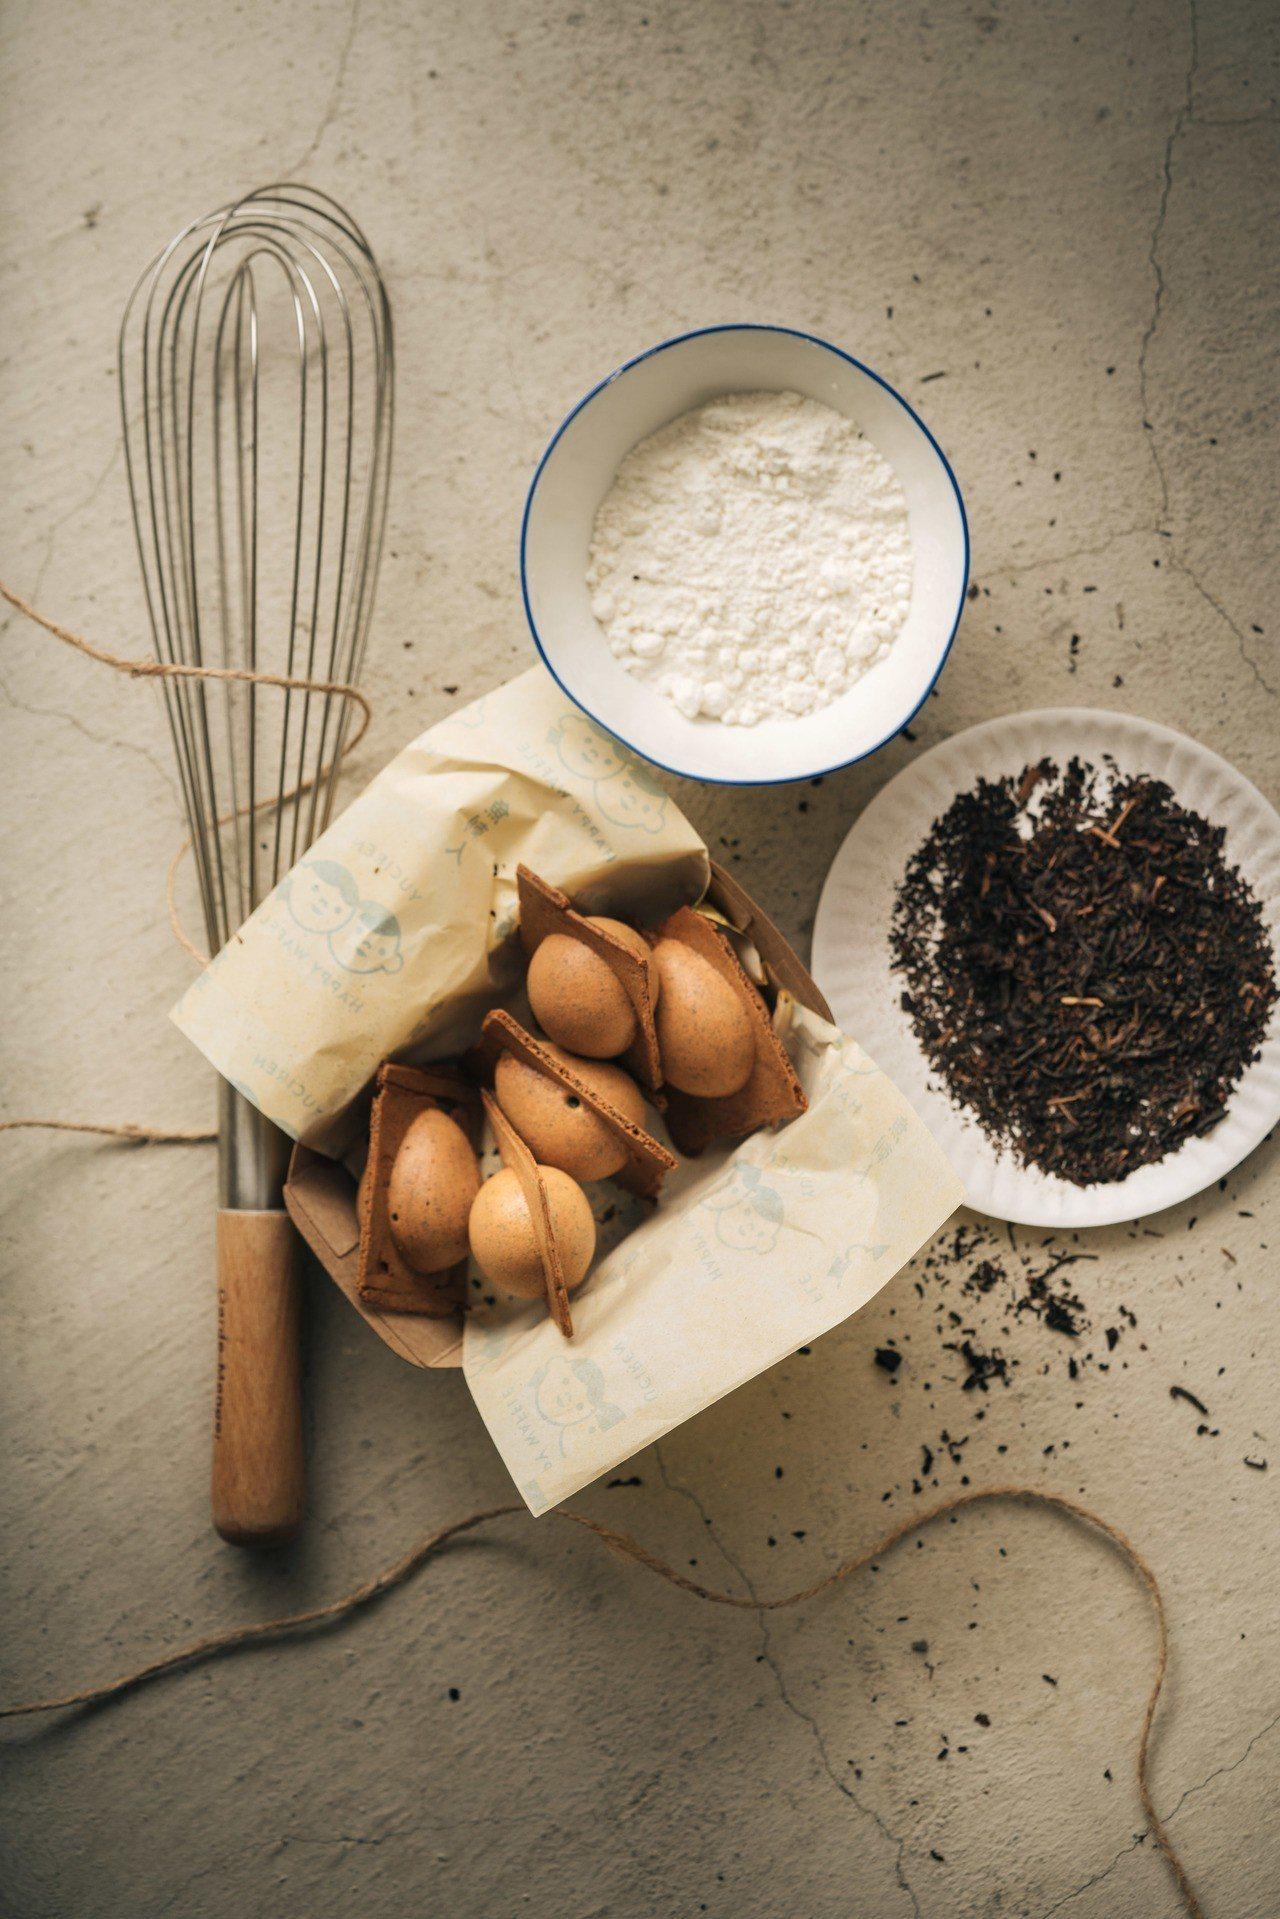 「魚刺人雞蛋糕」招牌阿薩姆口味最獲得網友推薦。圖/魚刺人雞蛋糕 提供